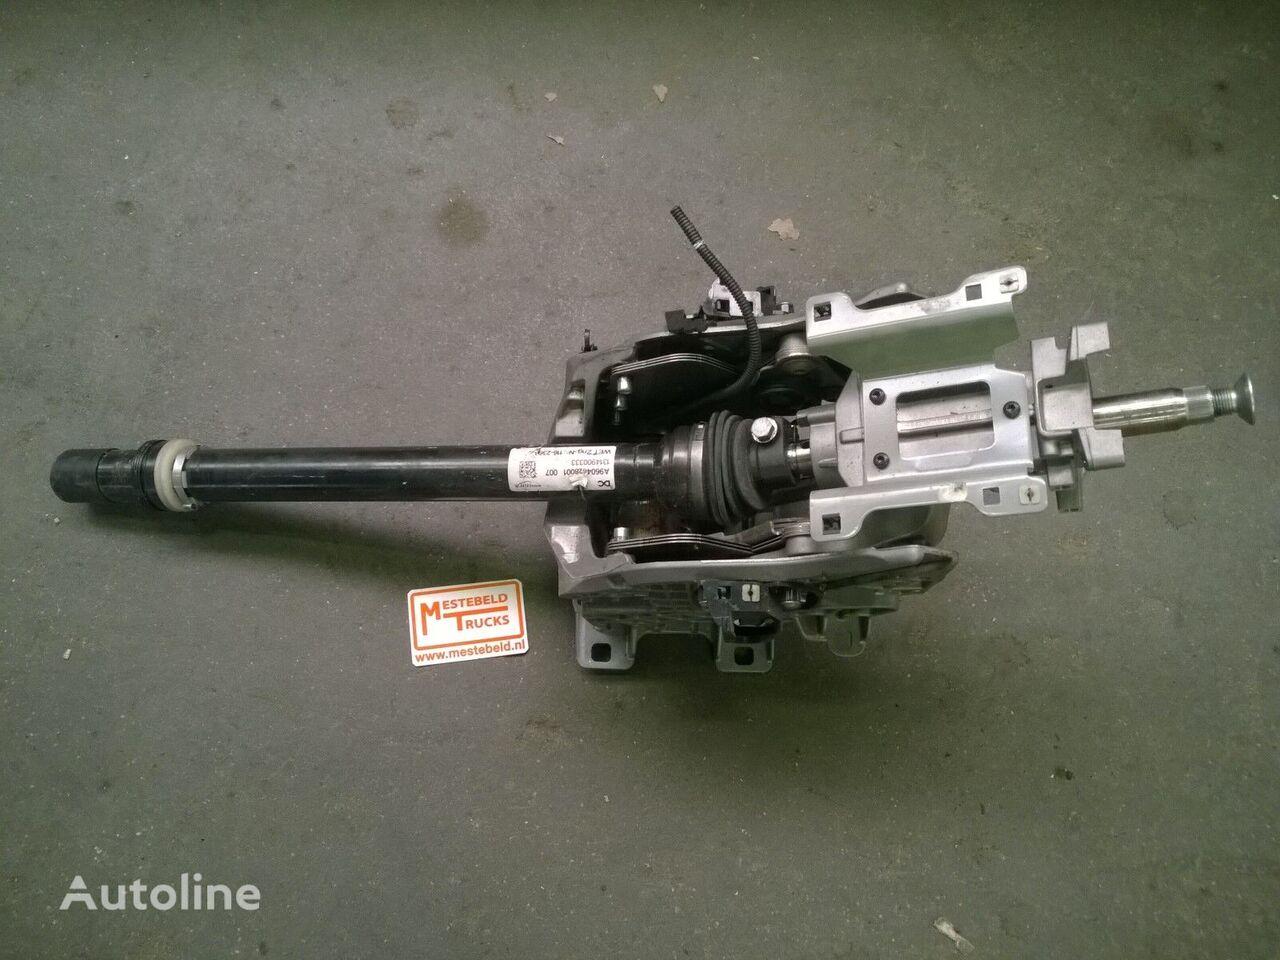 Stuurkolom mécanisme de direction pour MERCEDES-BENZ Stuurkolom MP4 camion